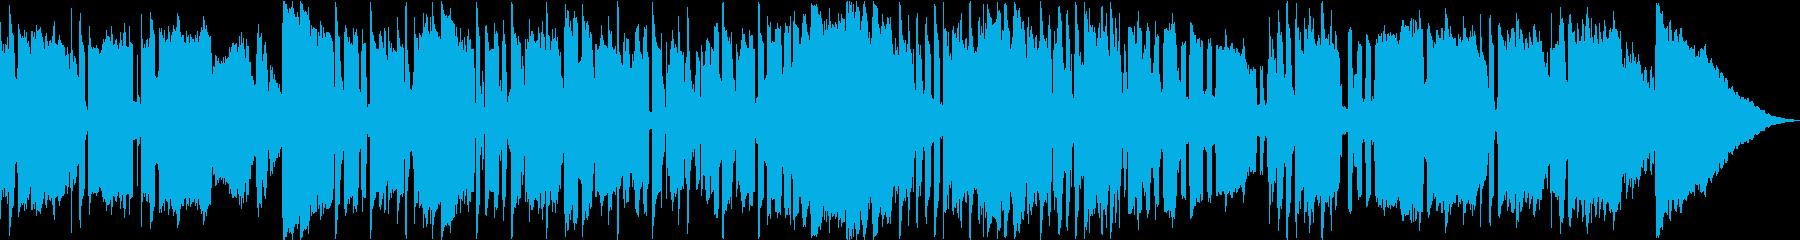 ダブステップとレゲエをテーマにした...の再生済みの波形